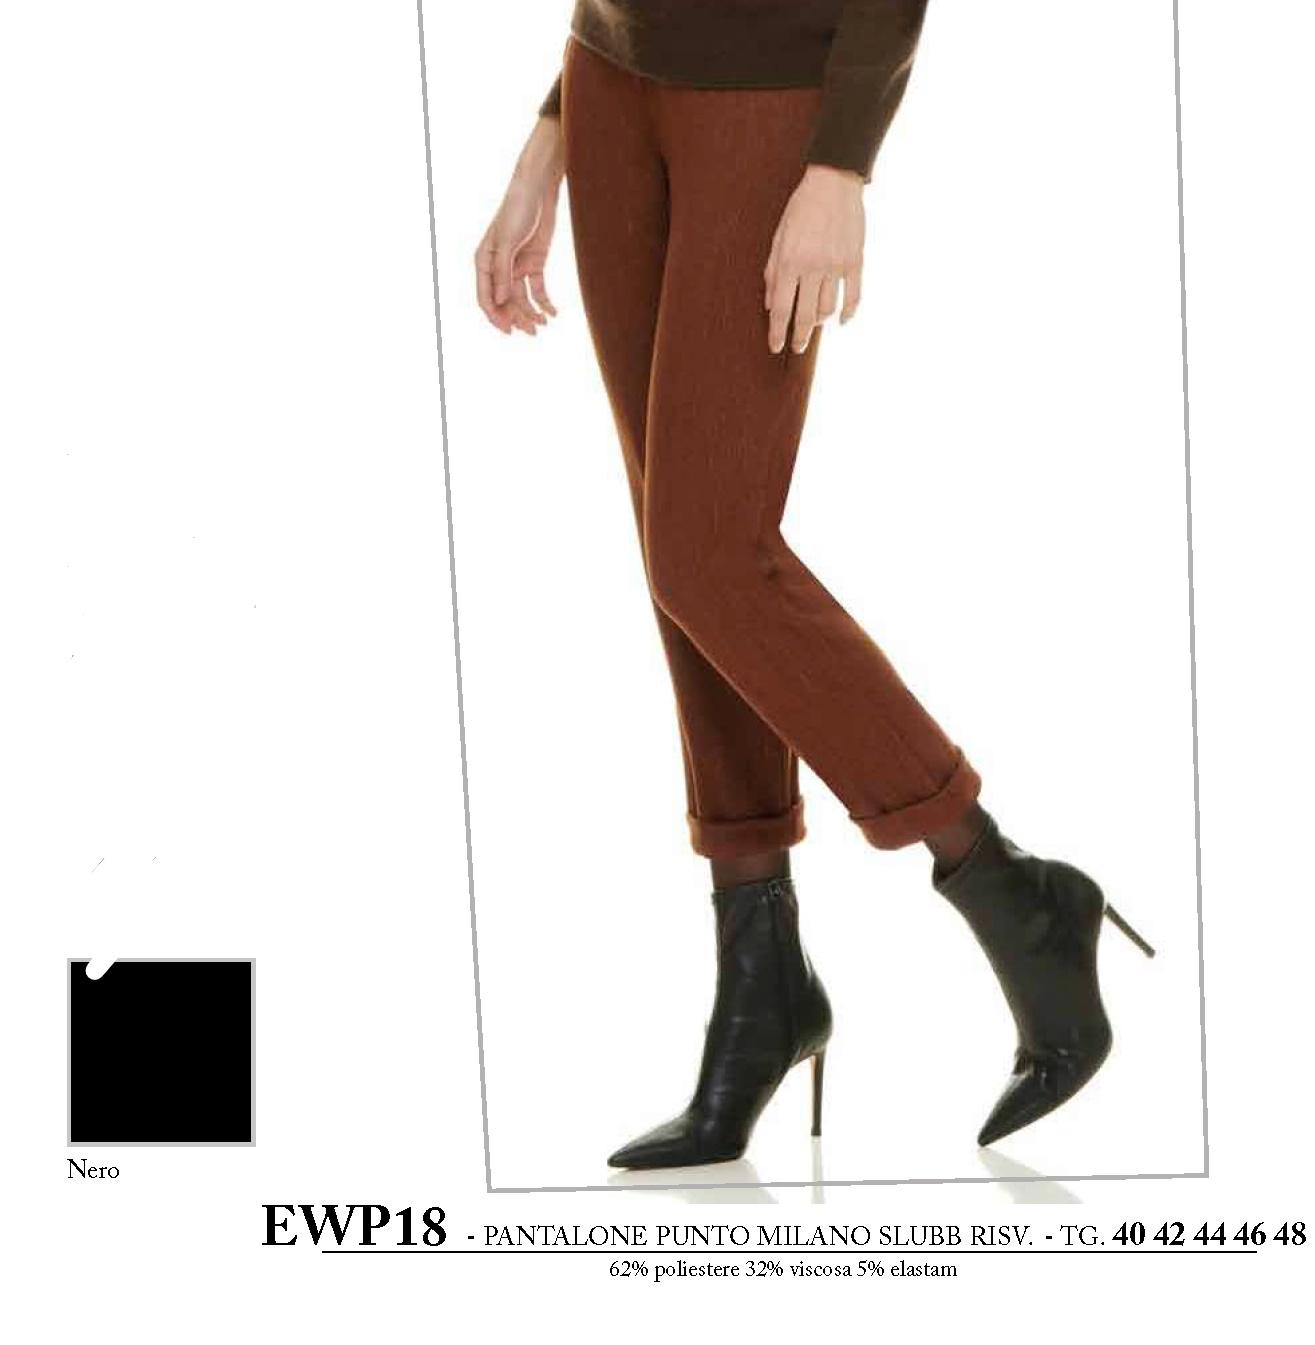 Pantalone EWP18